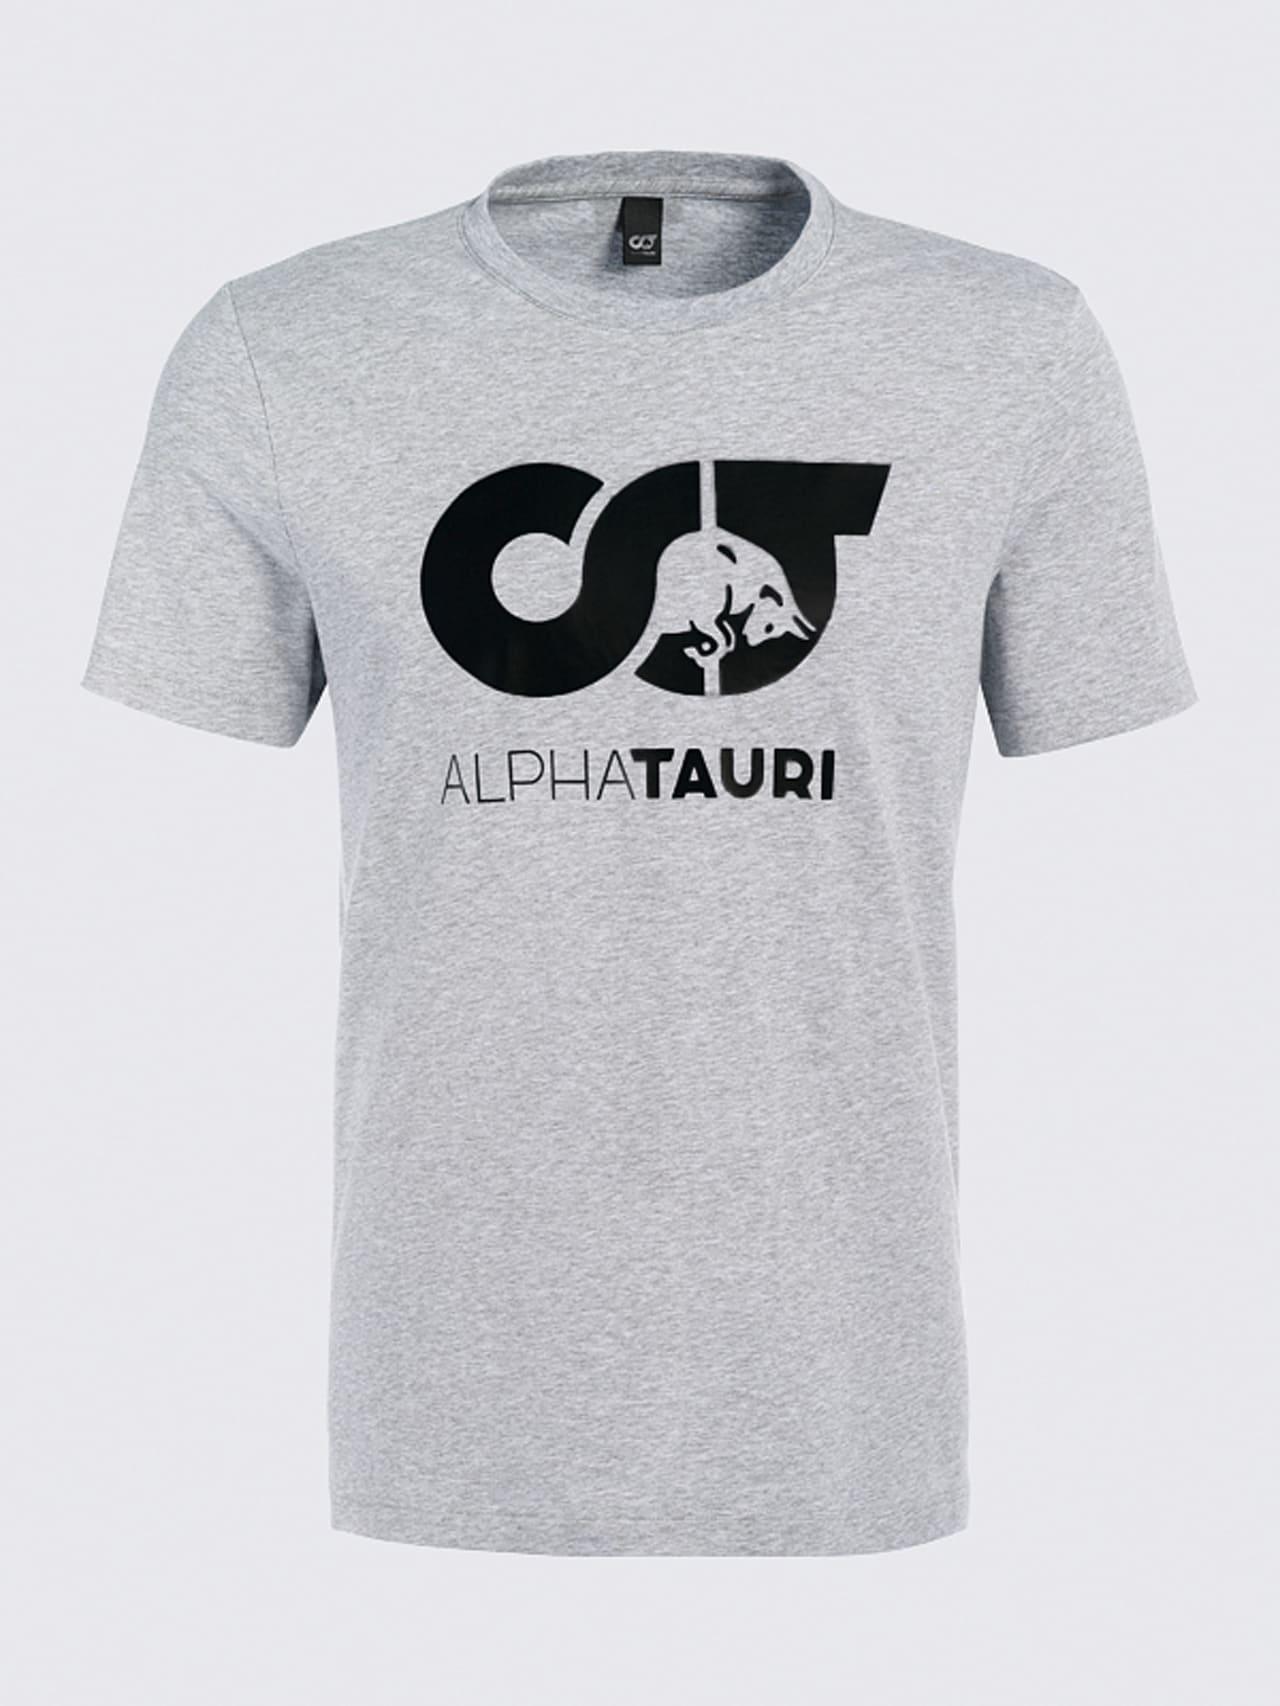 JERO V2.Y4.02 Signature Logo T-Shirt grey / melange Back Alpha Tauri